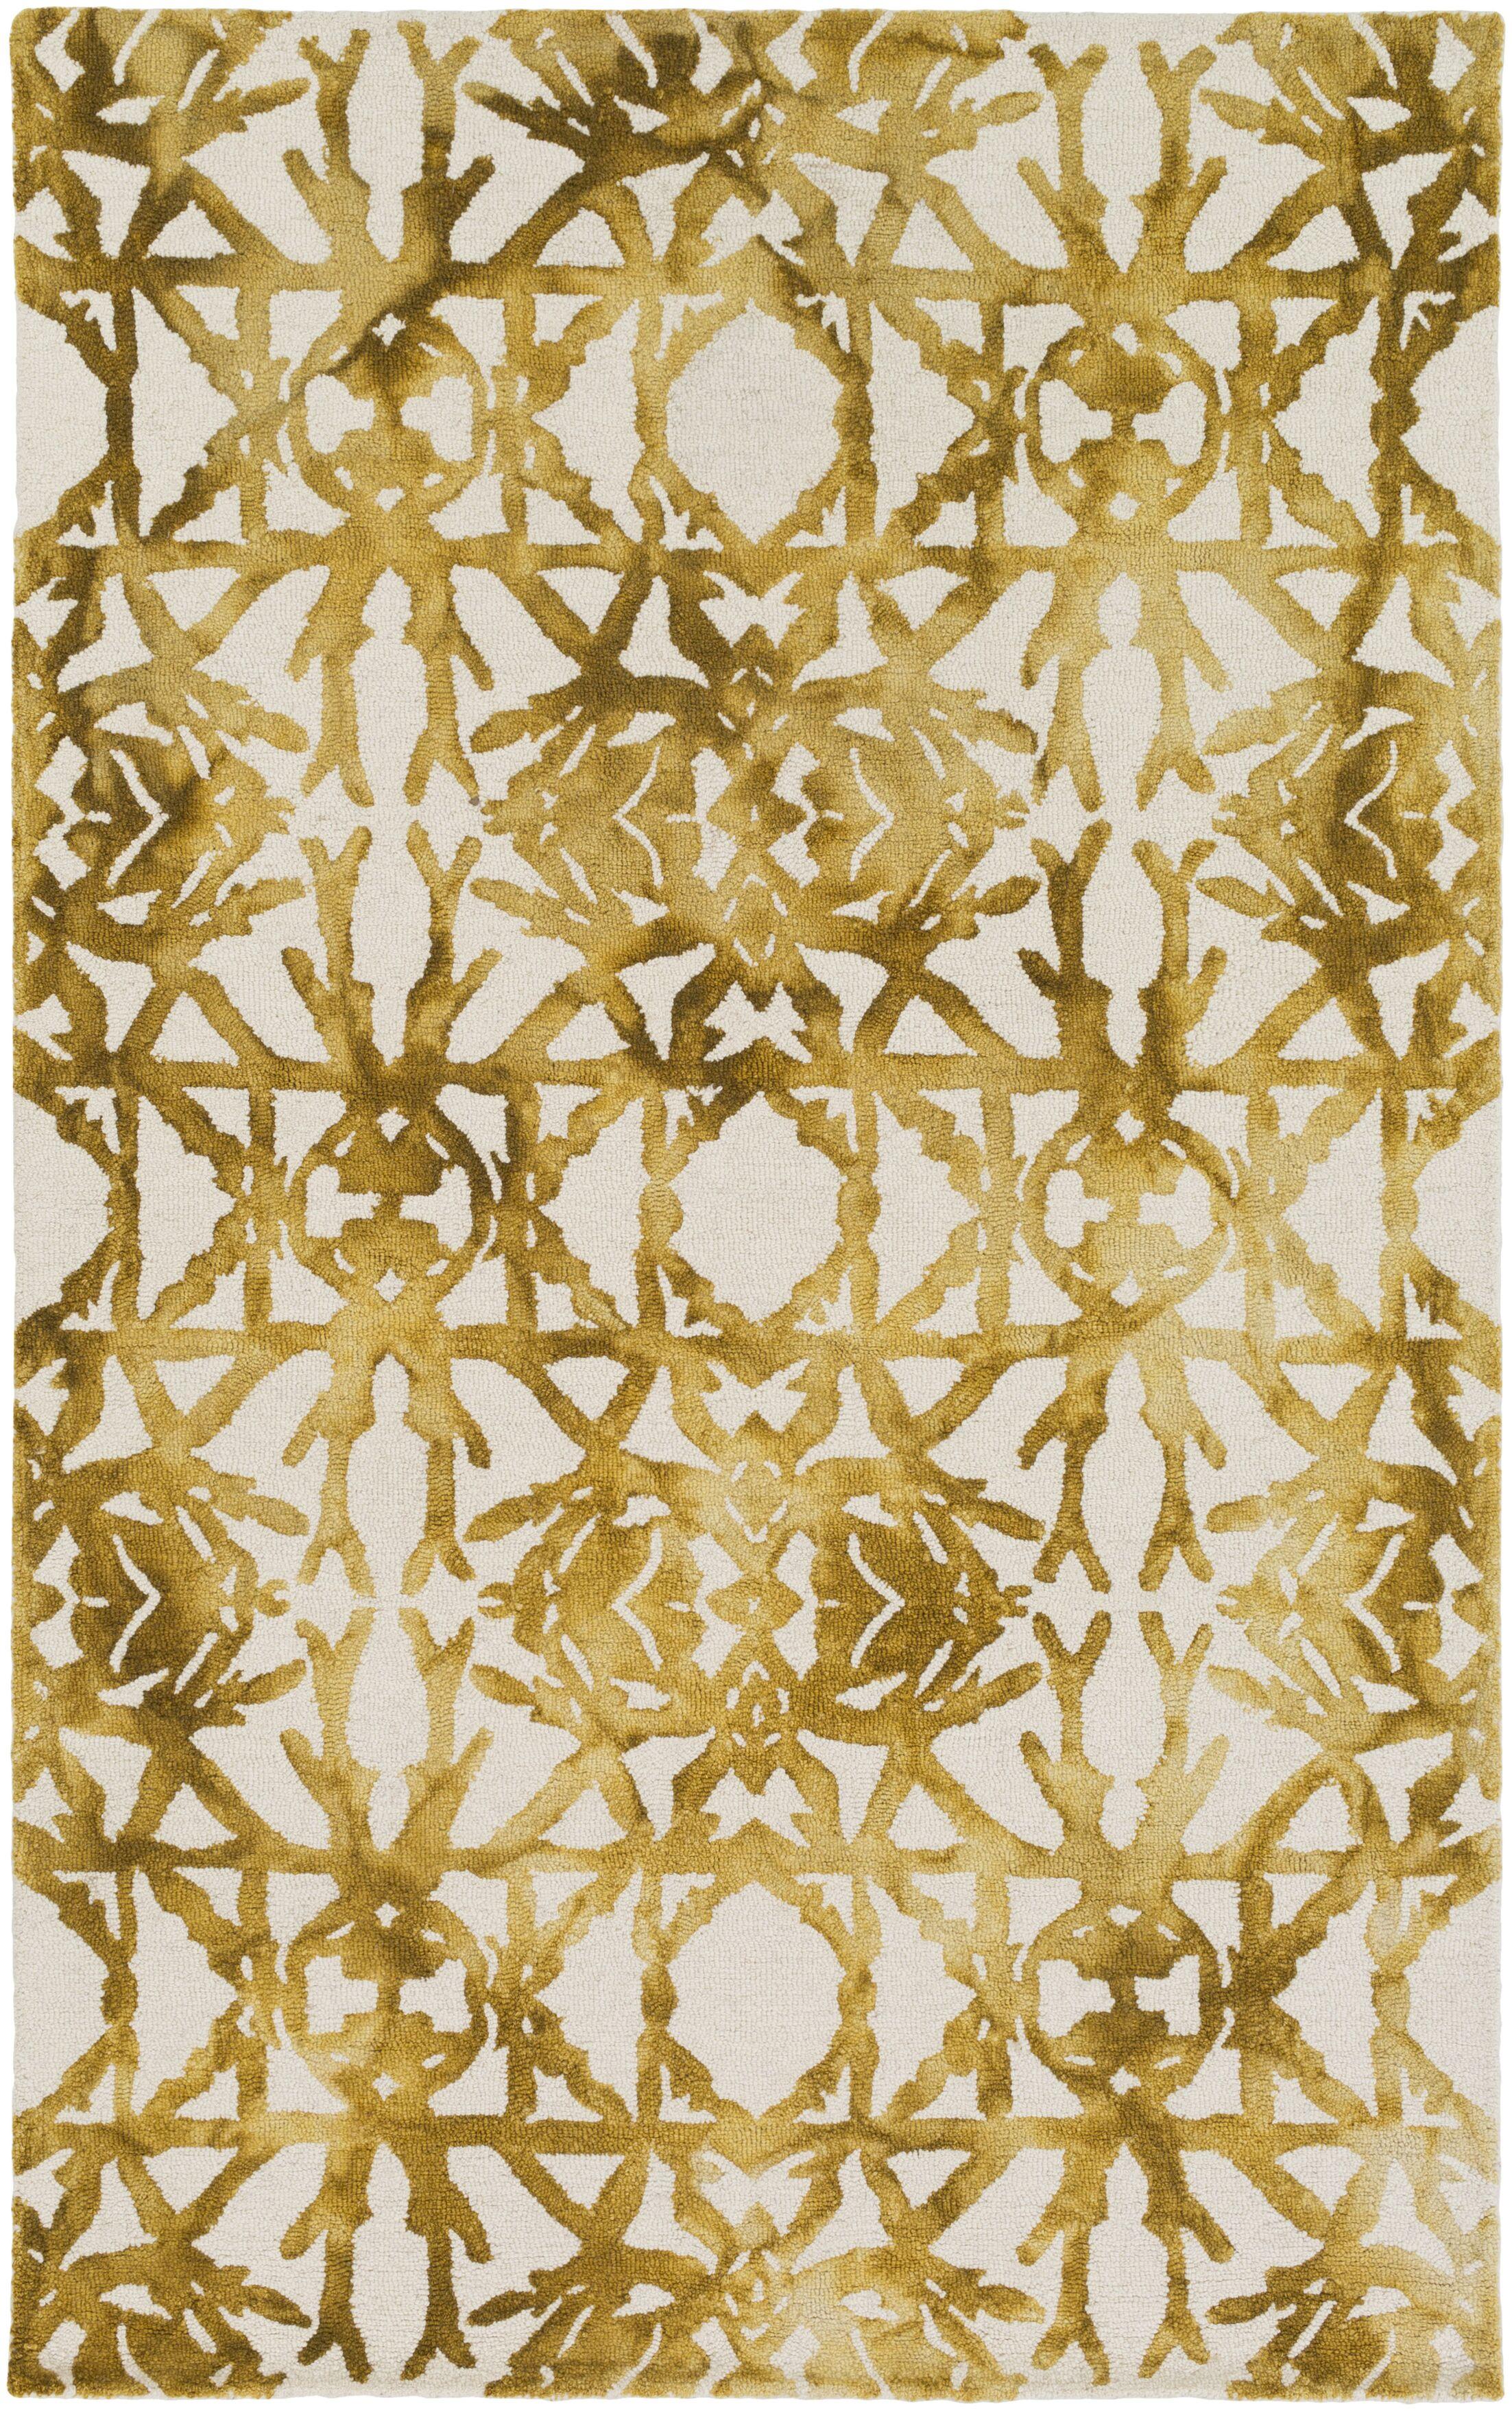 Glenmoor Hand-Tufted Yellow Area Rug Rug Size: Rectangle 5' x 8'